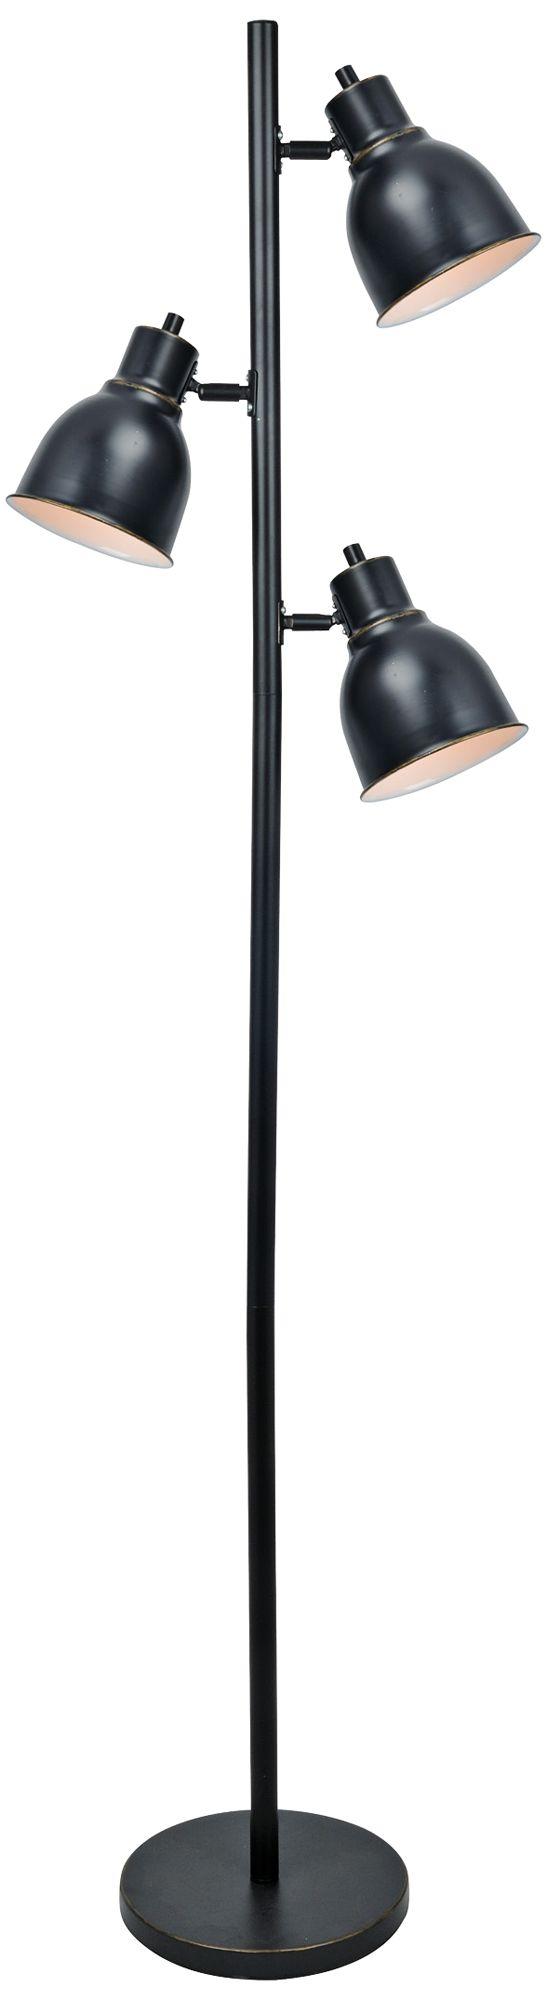 Lite Source Galvin Dark Bronze 3-Light Floor L&  sc 1 st  L&s Plus & Lite Source Galvin Dark Bronze 3-Light Floor Lamp - #9Y060 | Lamps Plus